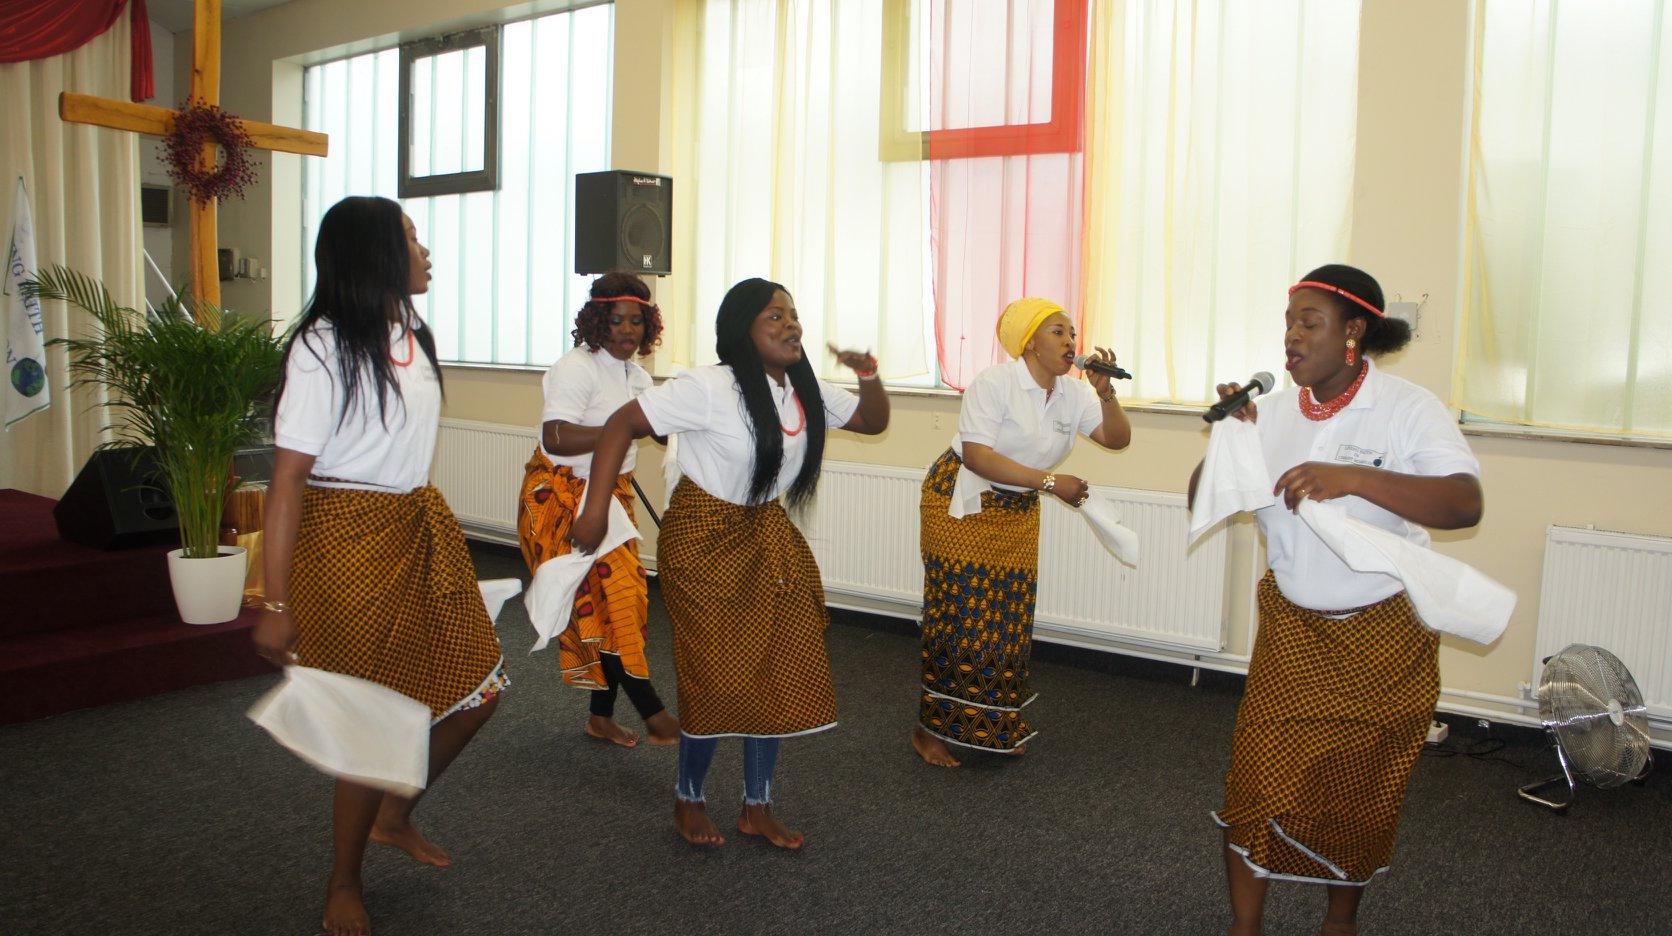 WOMEN CULTURAL DANCE